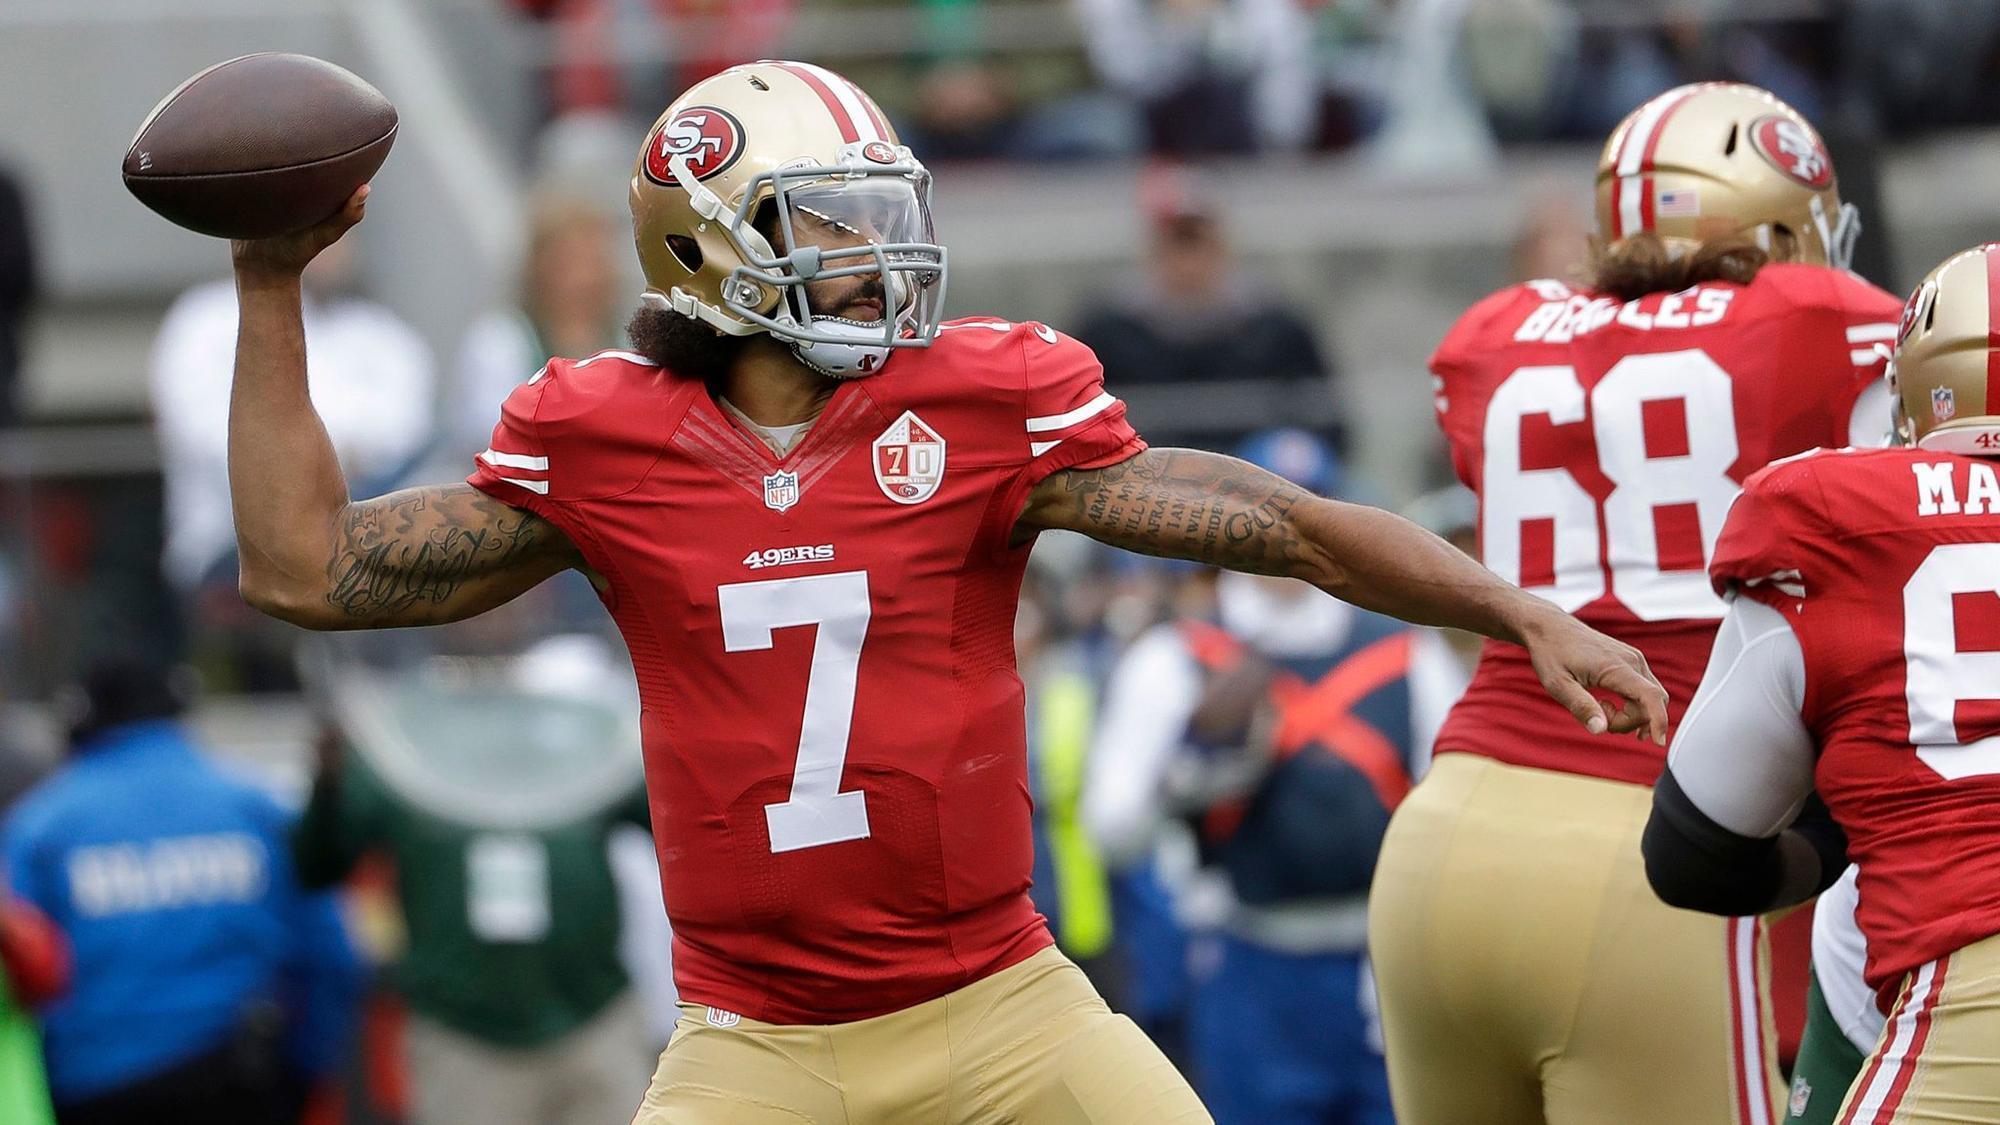 Mc-spt-eagles-backup-quarterback-20171214